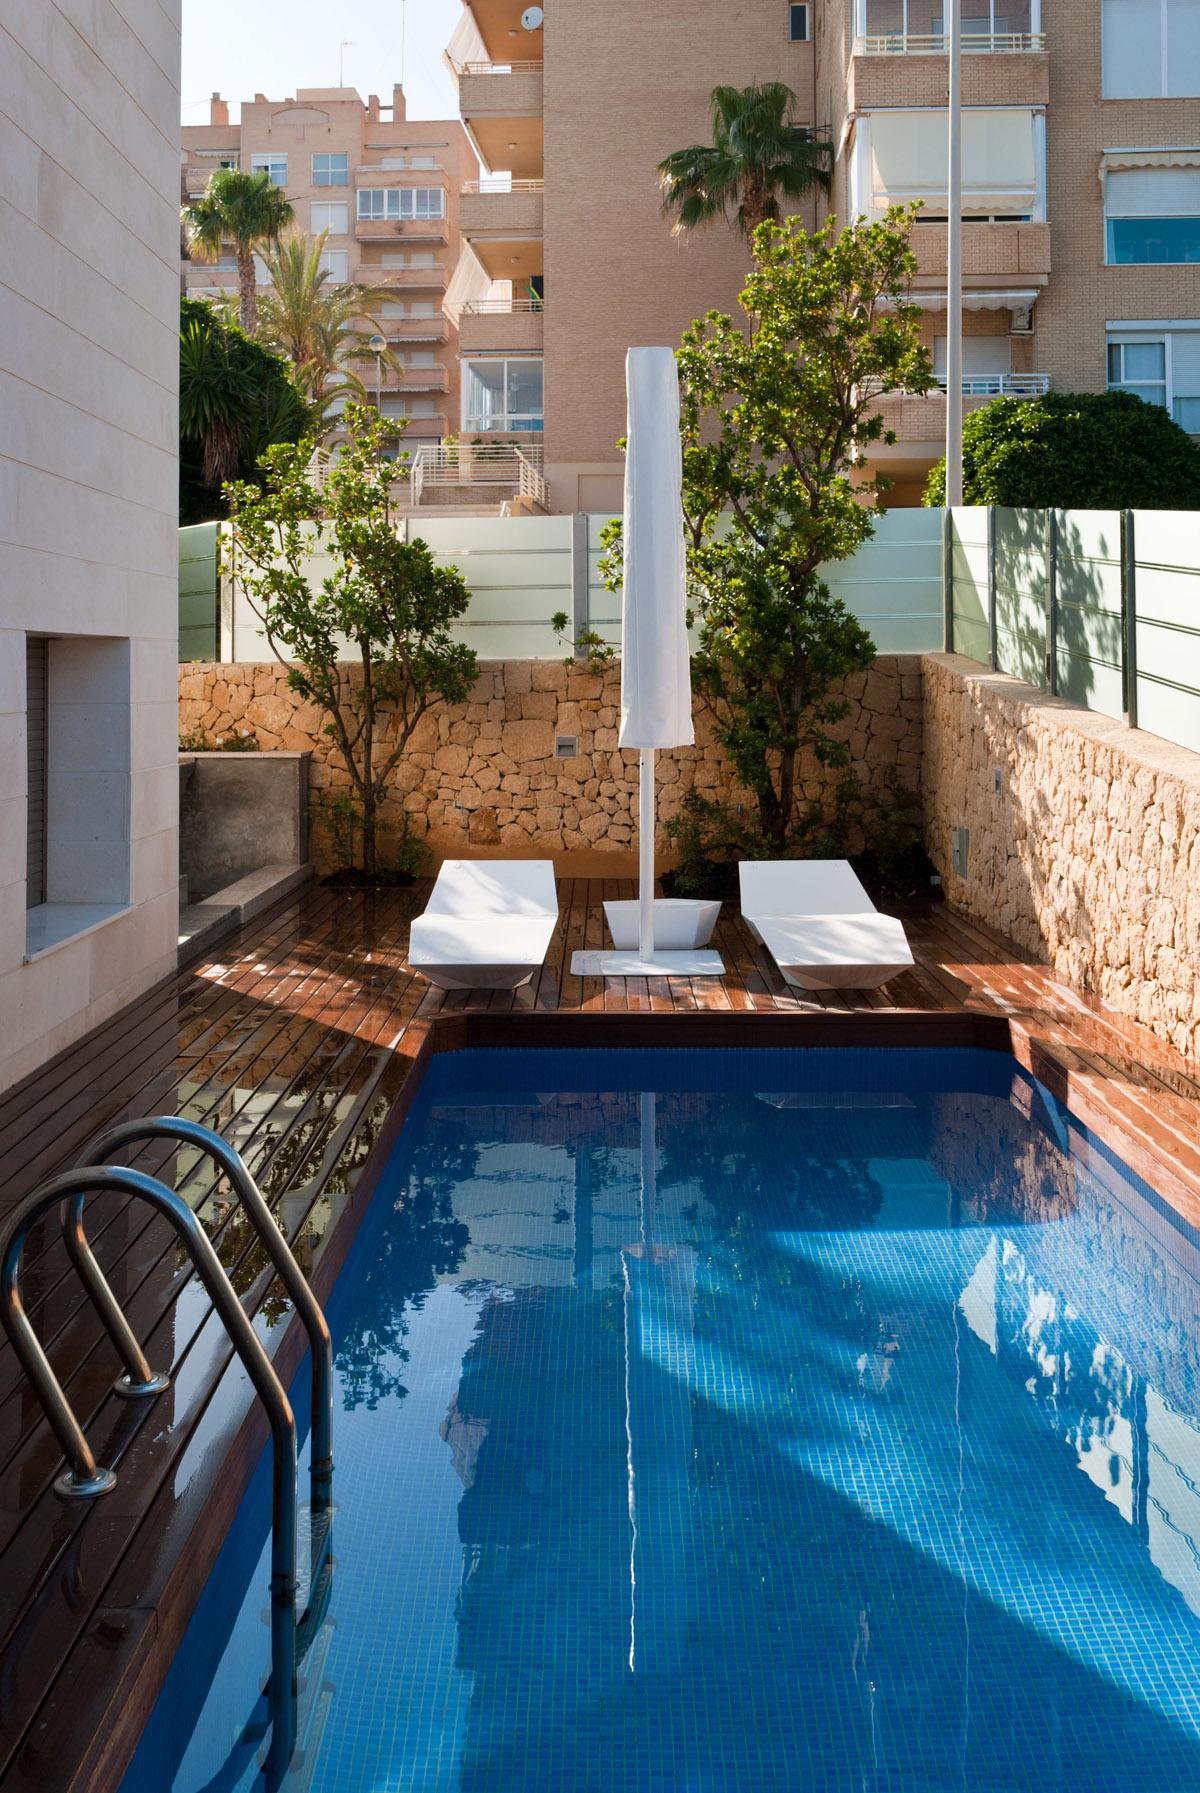 Diseno de jardin pequeno con tarima de madera y piscina for Paisajismo jardines con piscina